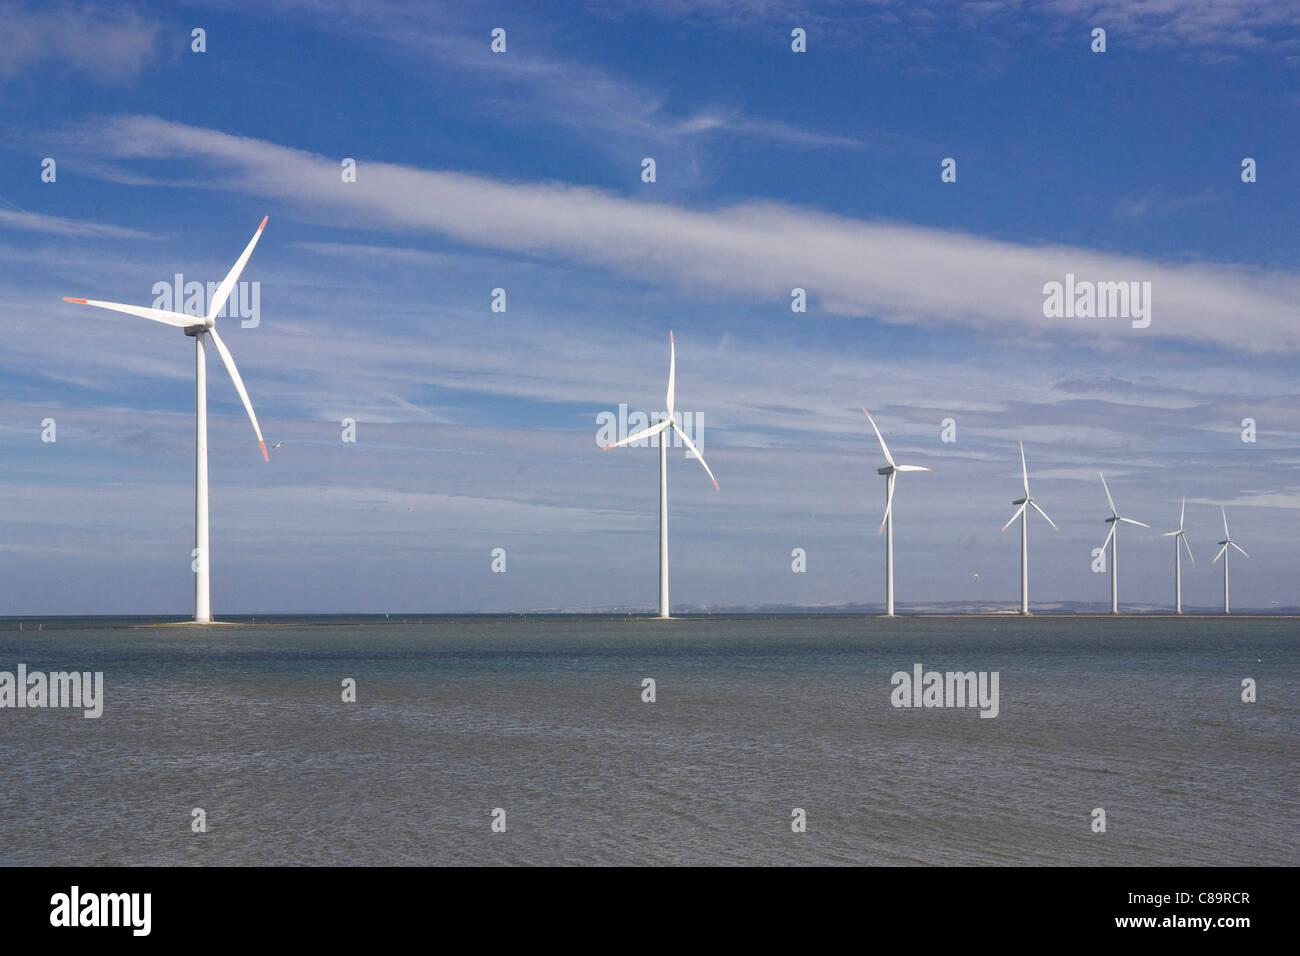 Dänemark, Harbore, Ansicht von Windkraftanlagen an der Küste Stockbild